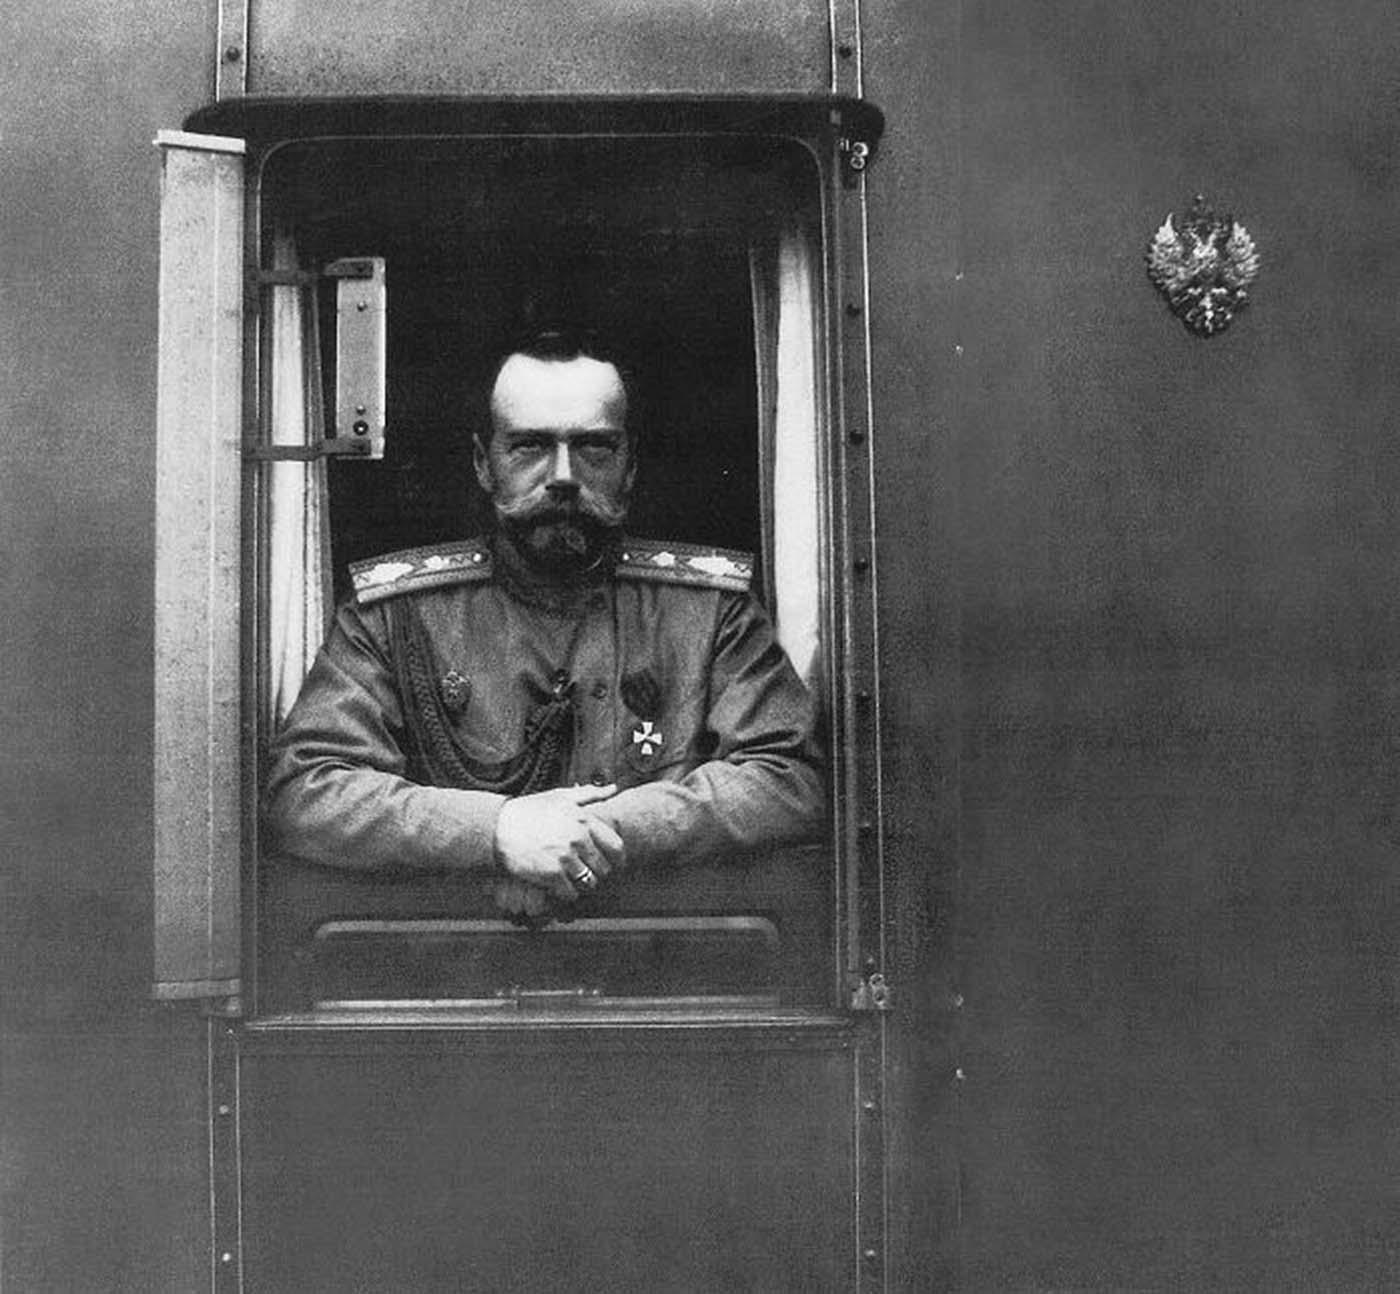 Emperador Nicolás II a bordo del Tren Imperial